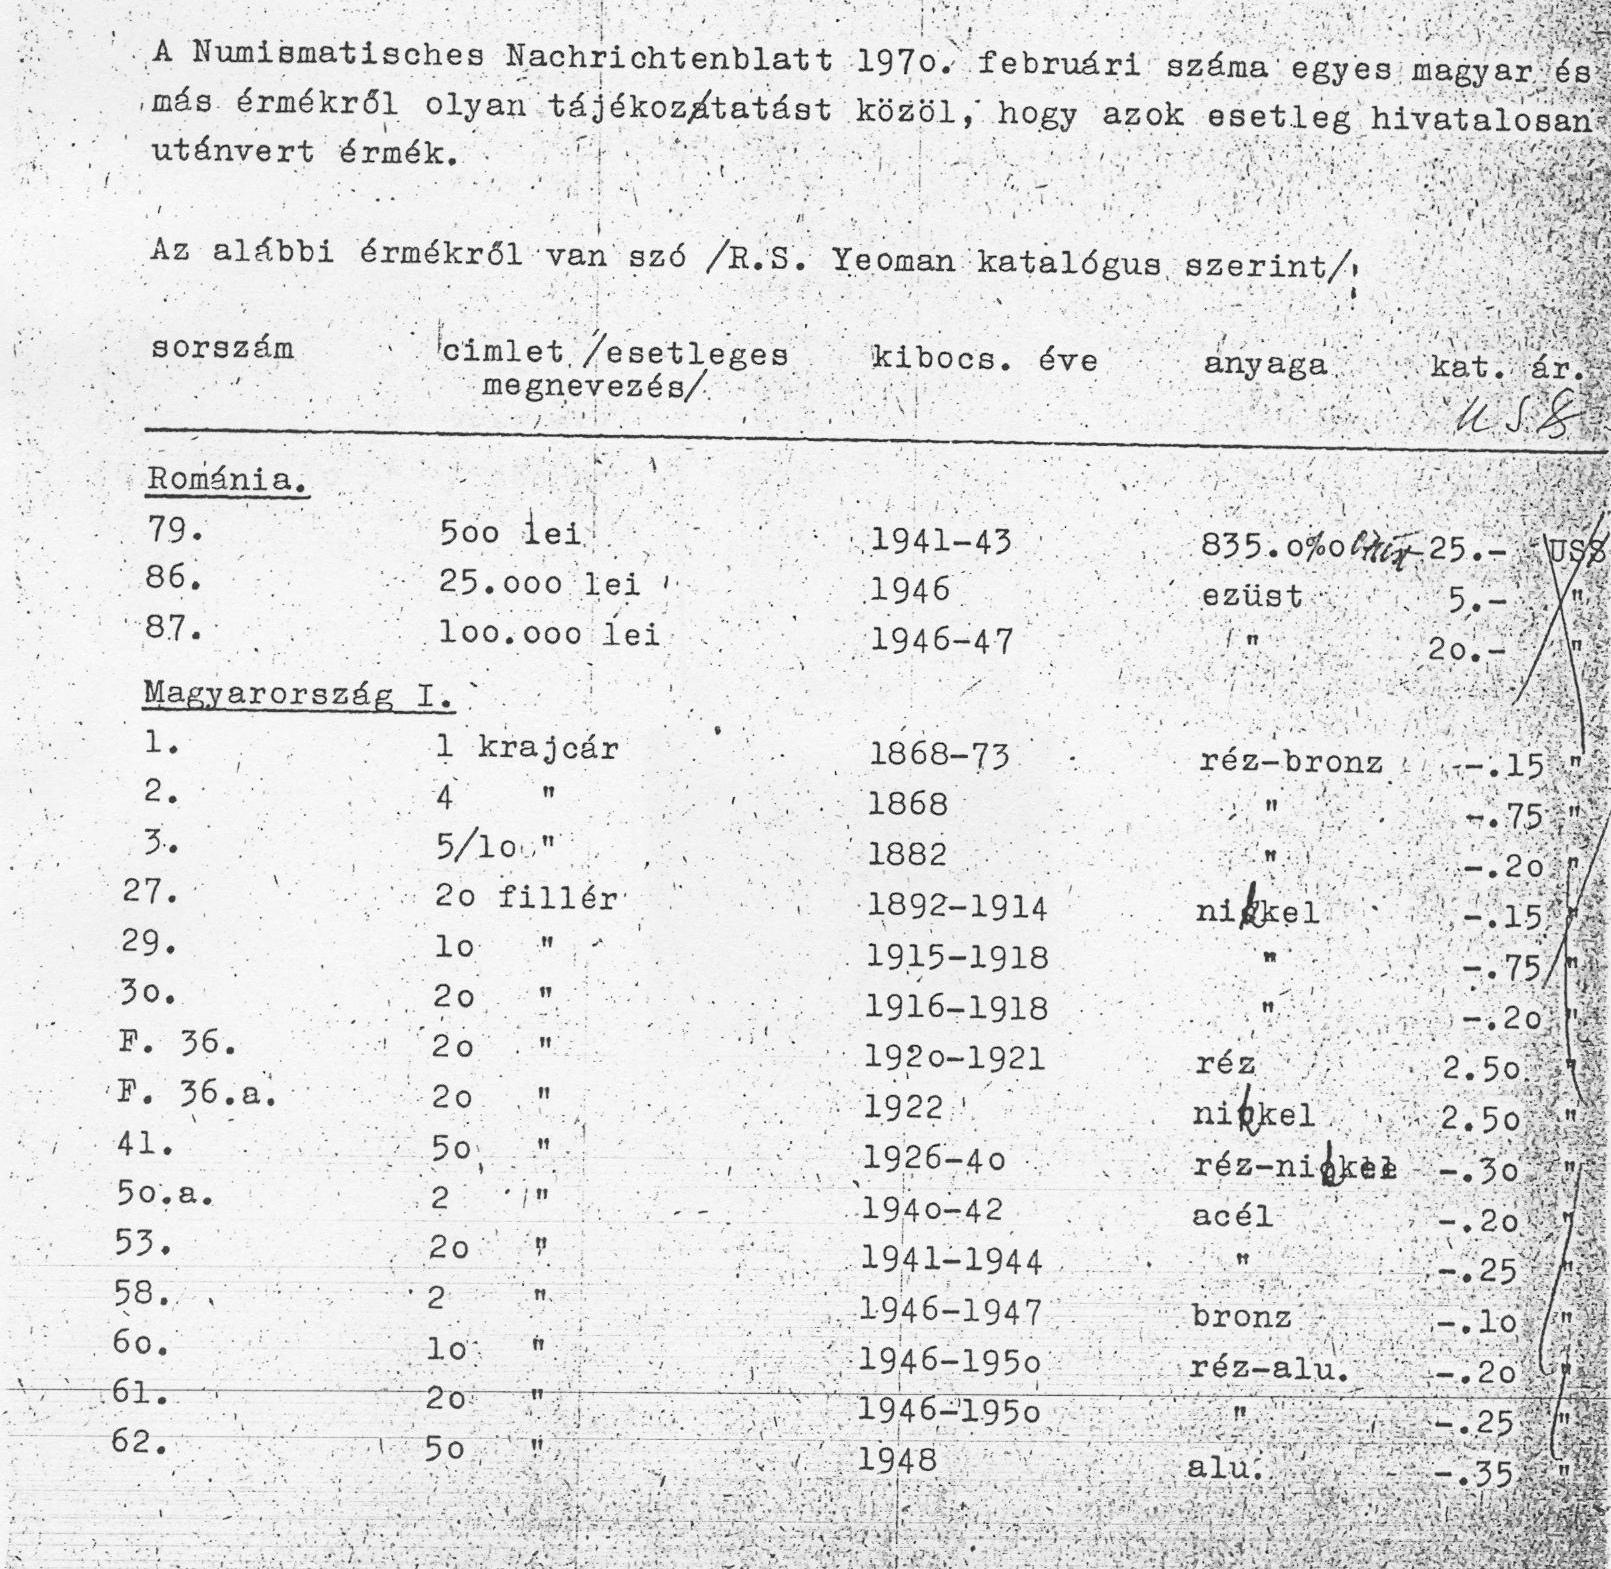 http://www.artexveret.hu/iratok-ujsagok/utanvert-ermek-arlistaja-yeoman-catalog1.jpg